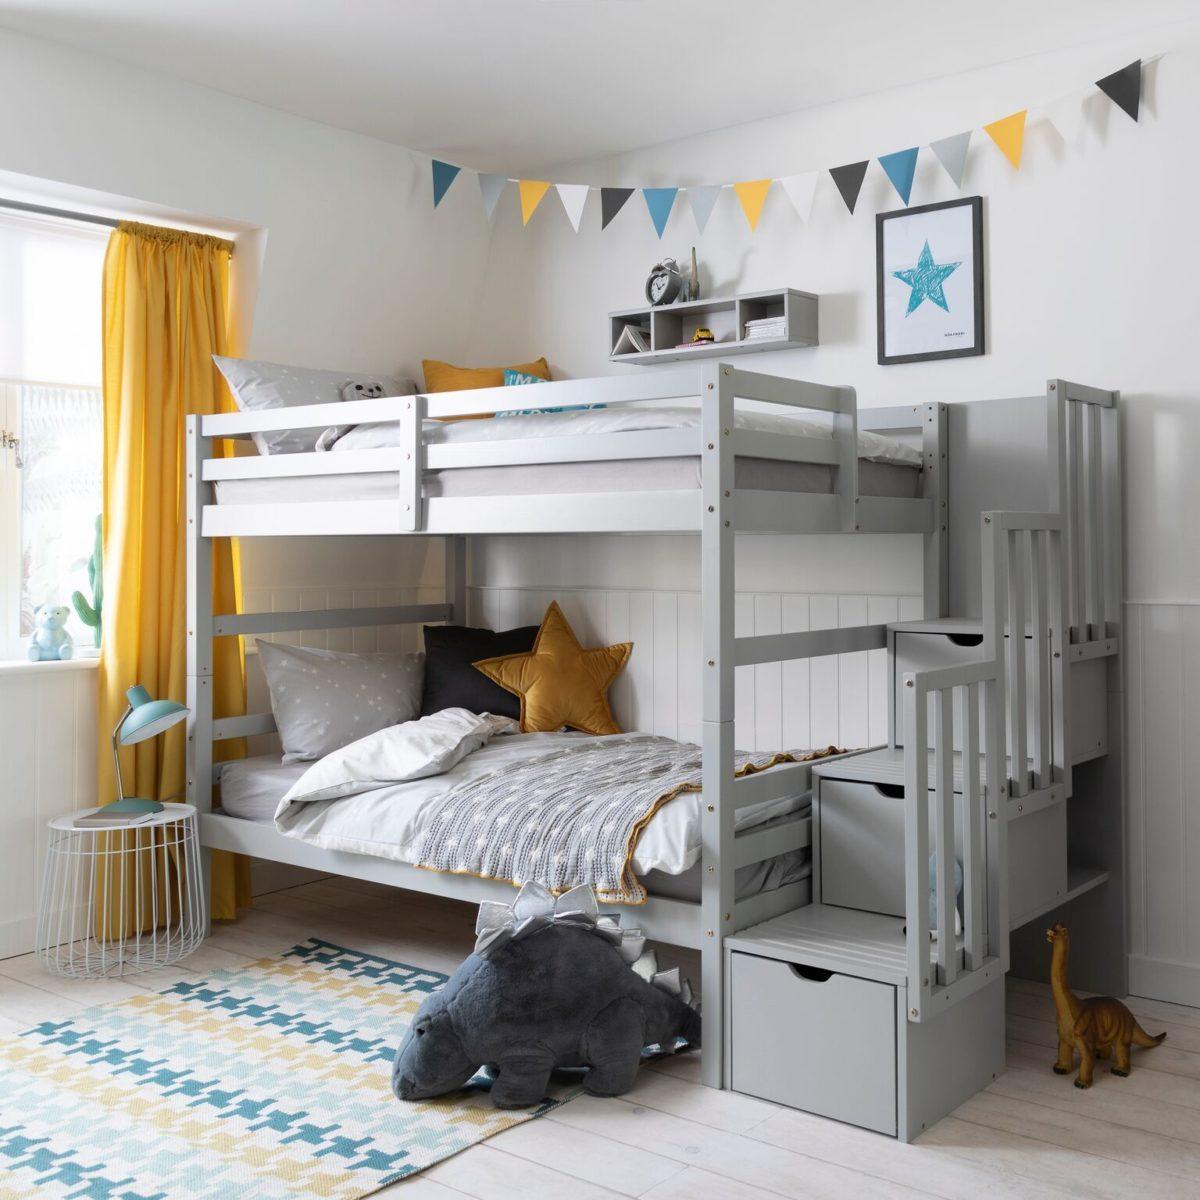 5noa-and-nani_maya-bunk-bed-2-1200x1200.jpg